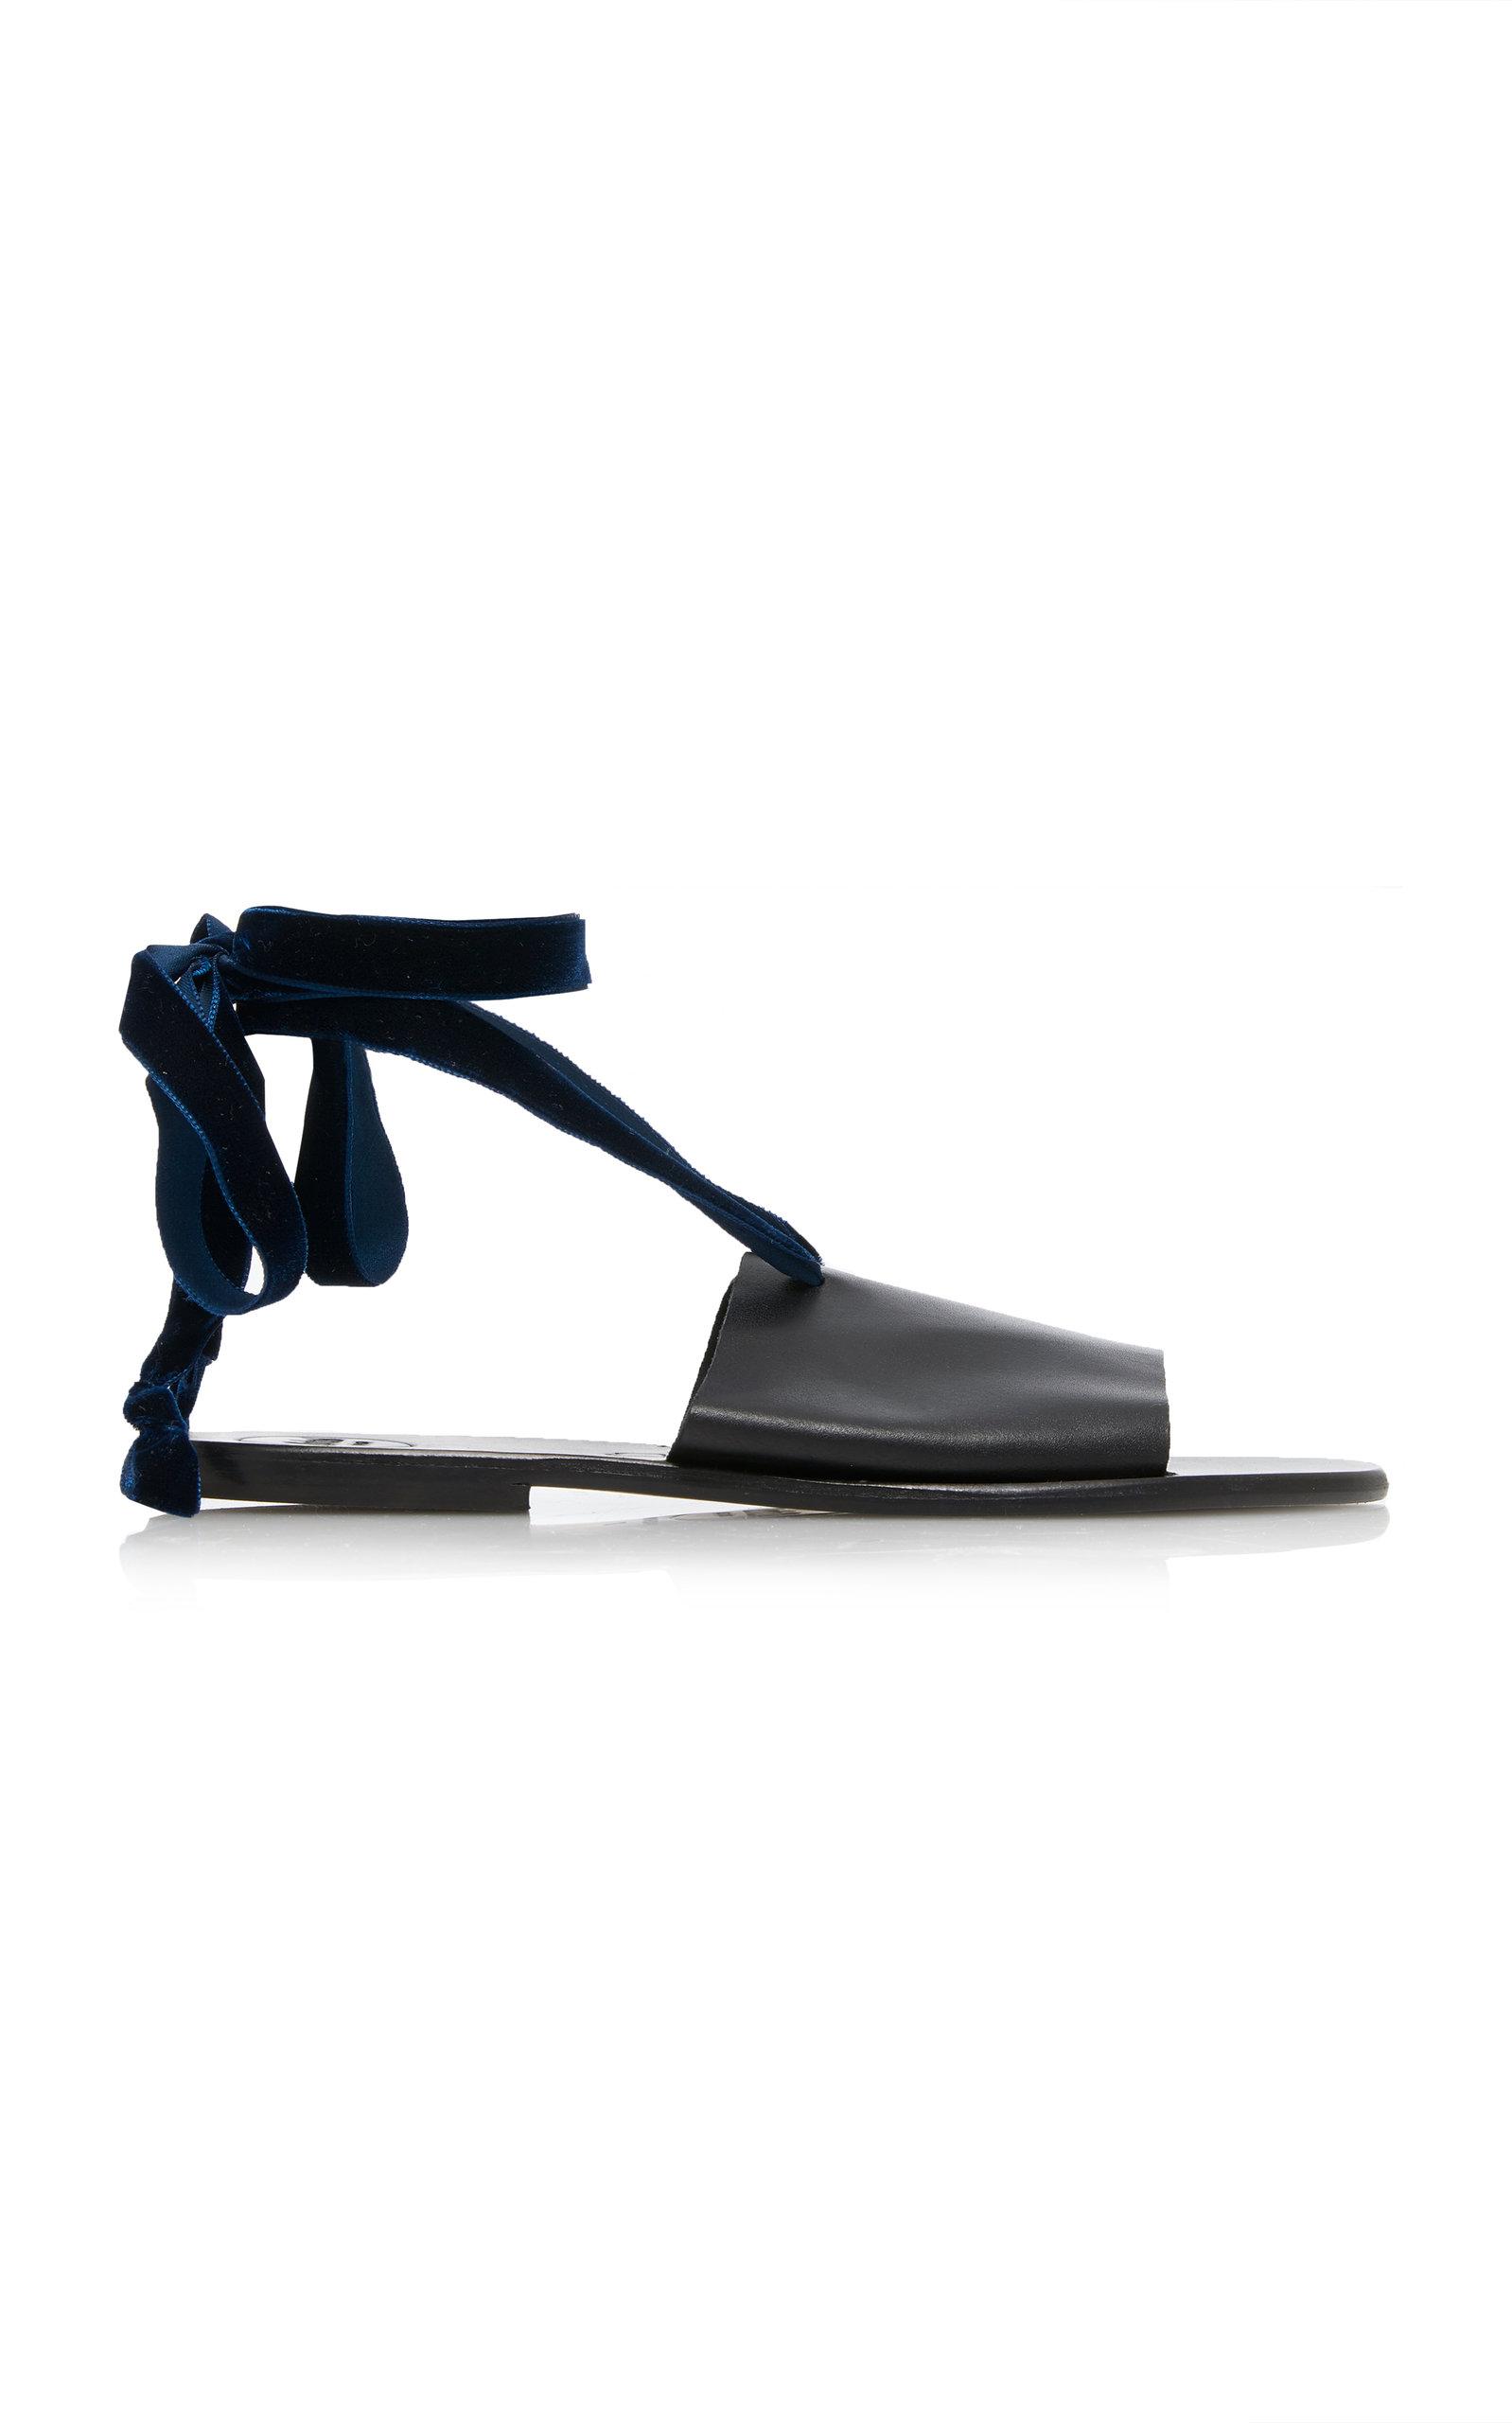 ALOHAS SANDALS Ava Night Sandal in Black